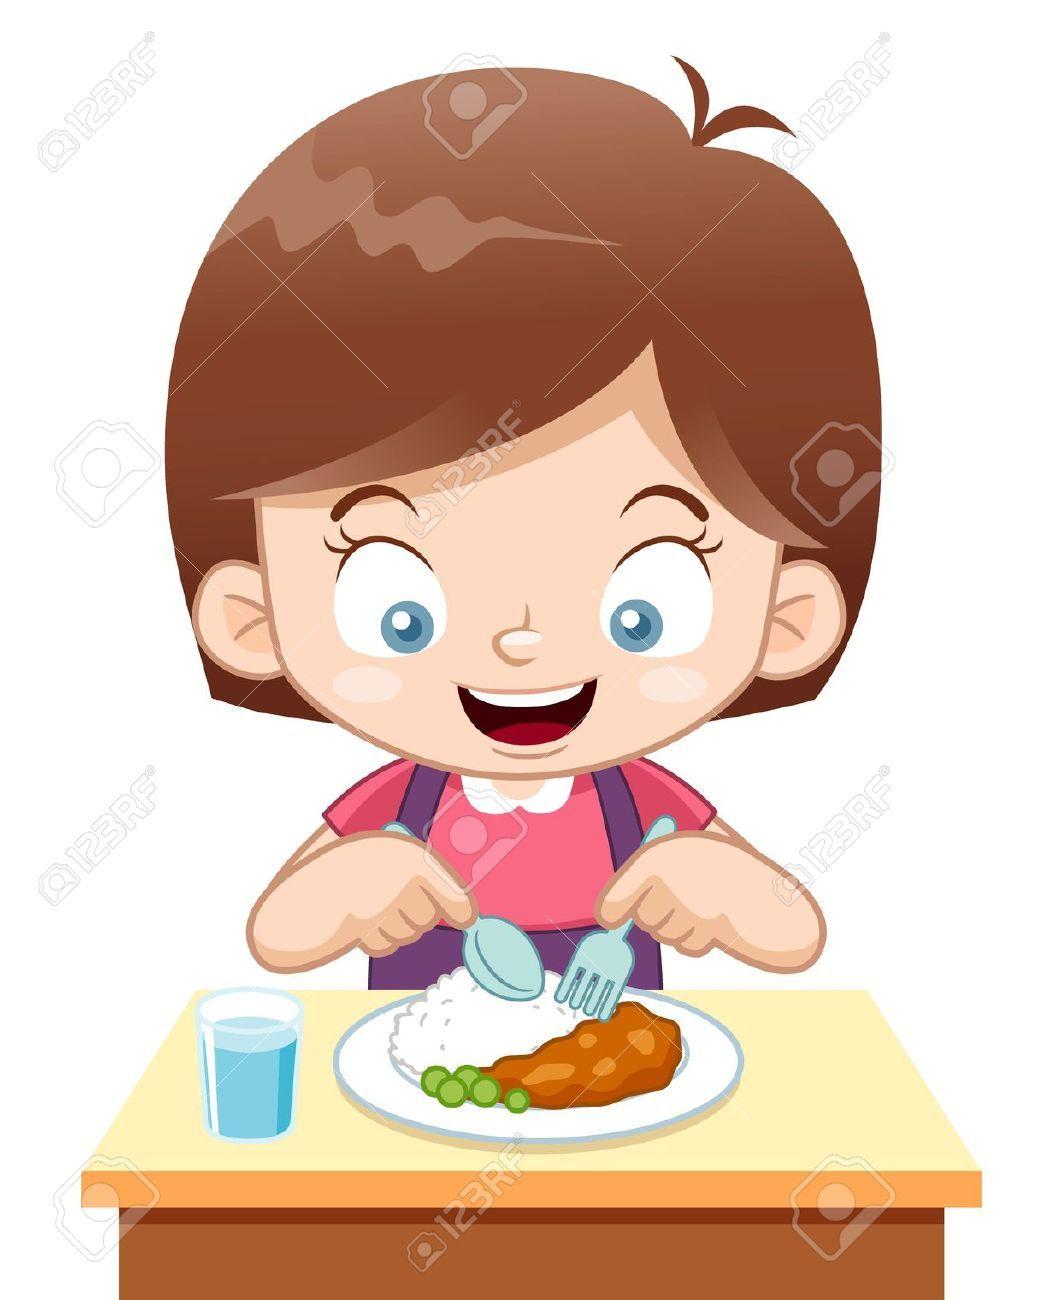 Girl eating chore board. Dinner clipart eats